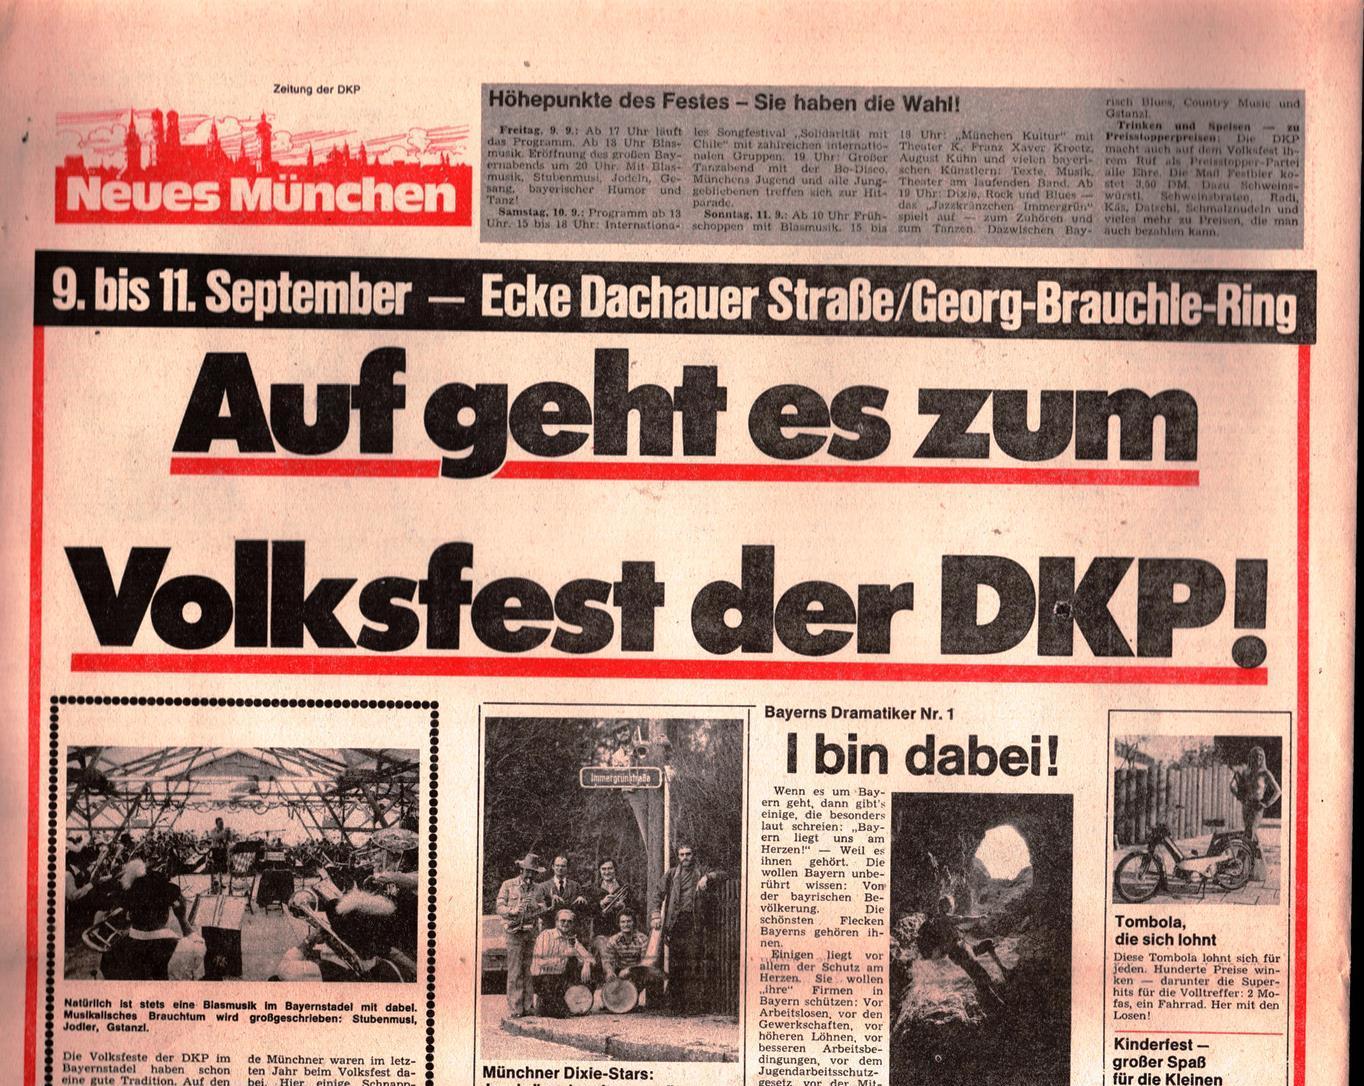 Muenchen_DKP_Neues_Muenchen_19770900_009_007